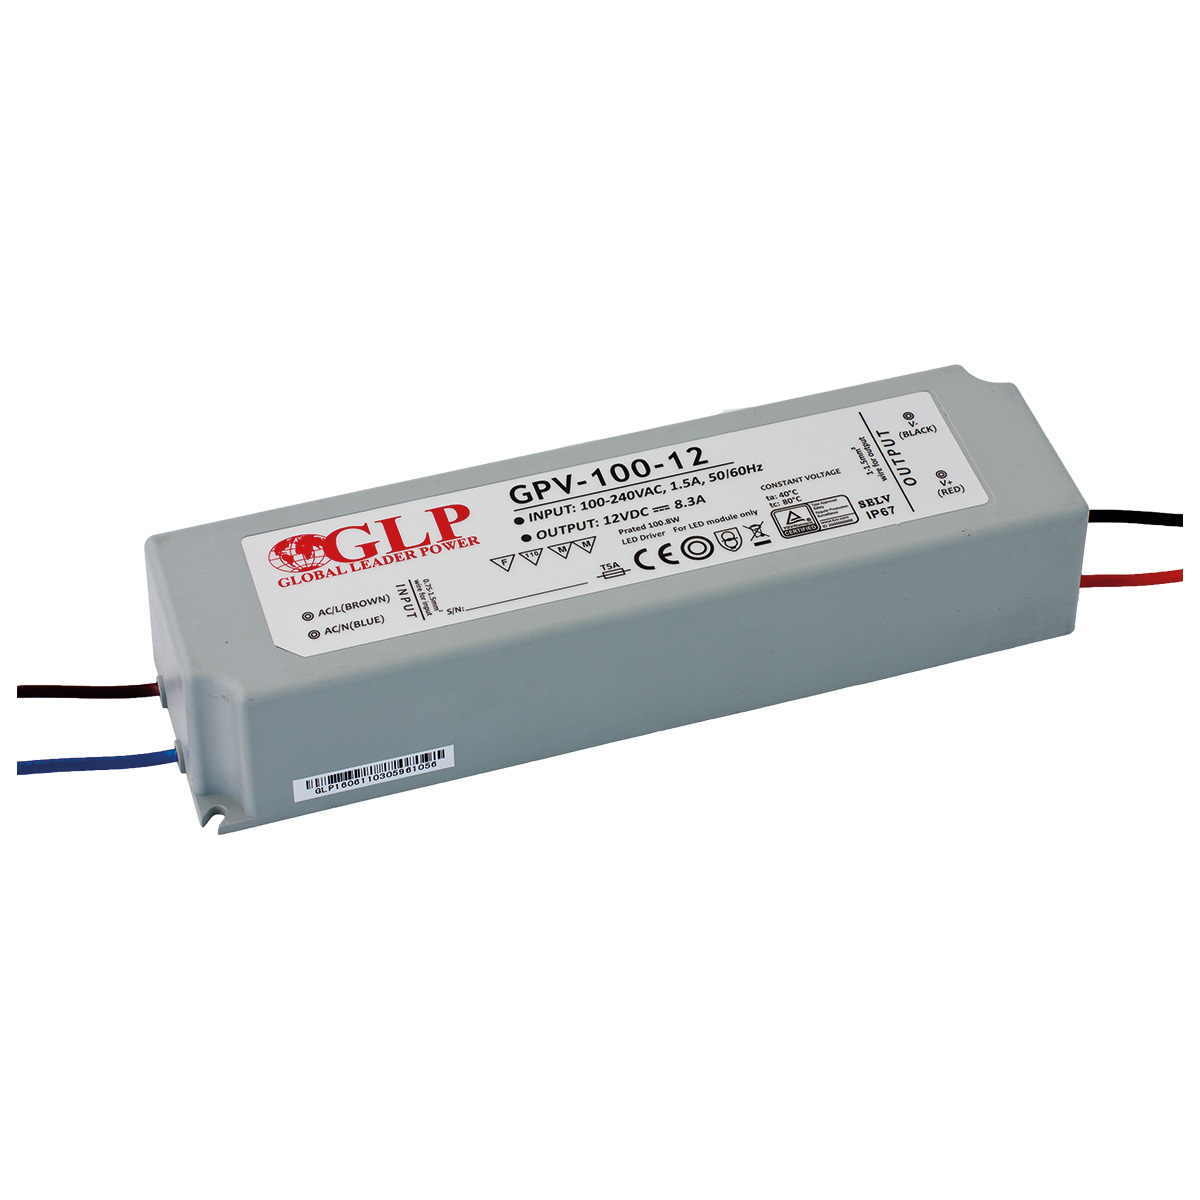 LED trafo GLP GPV-100-12 venkovní IP67 100W 12V, záruka 3 roky